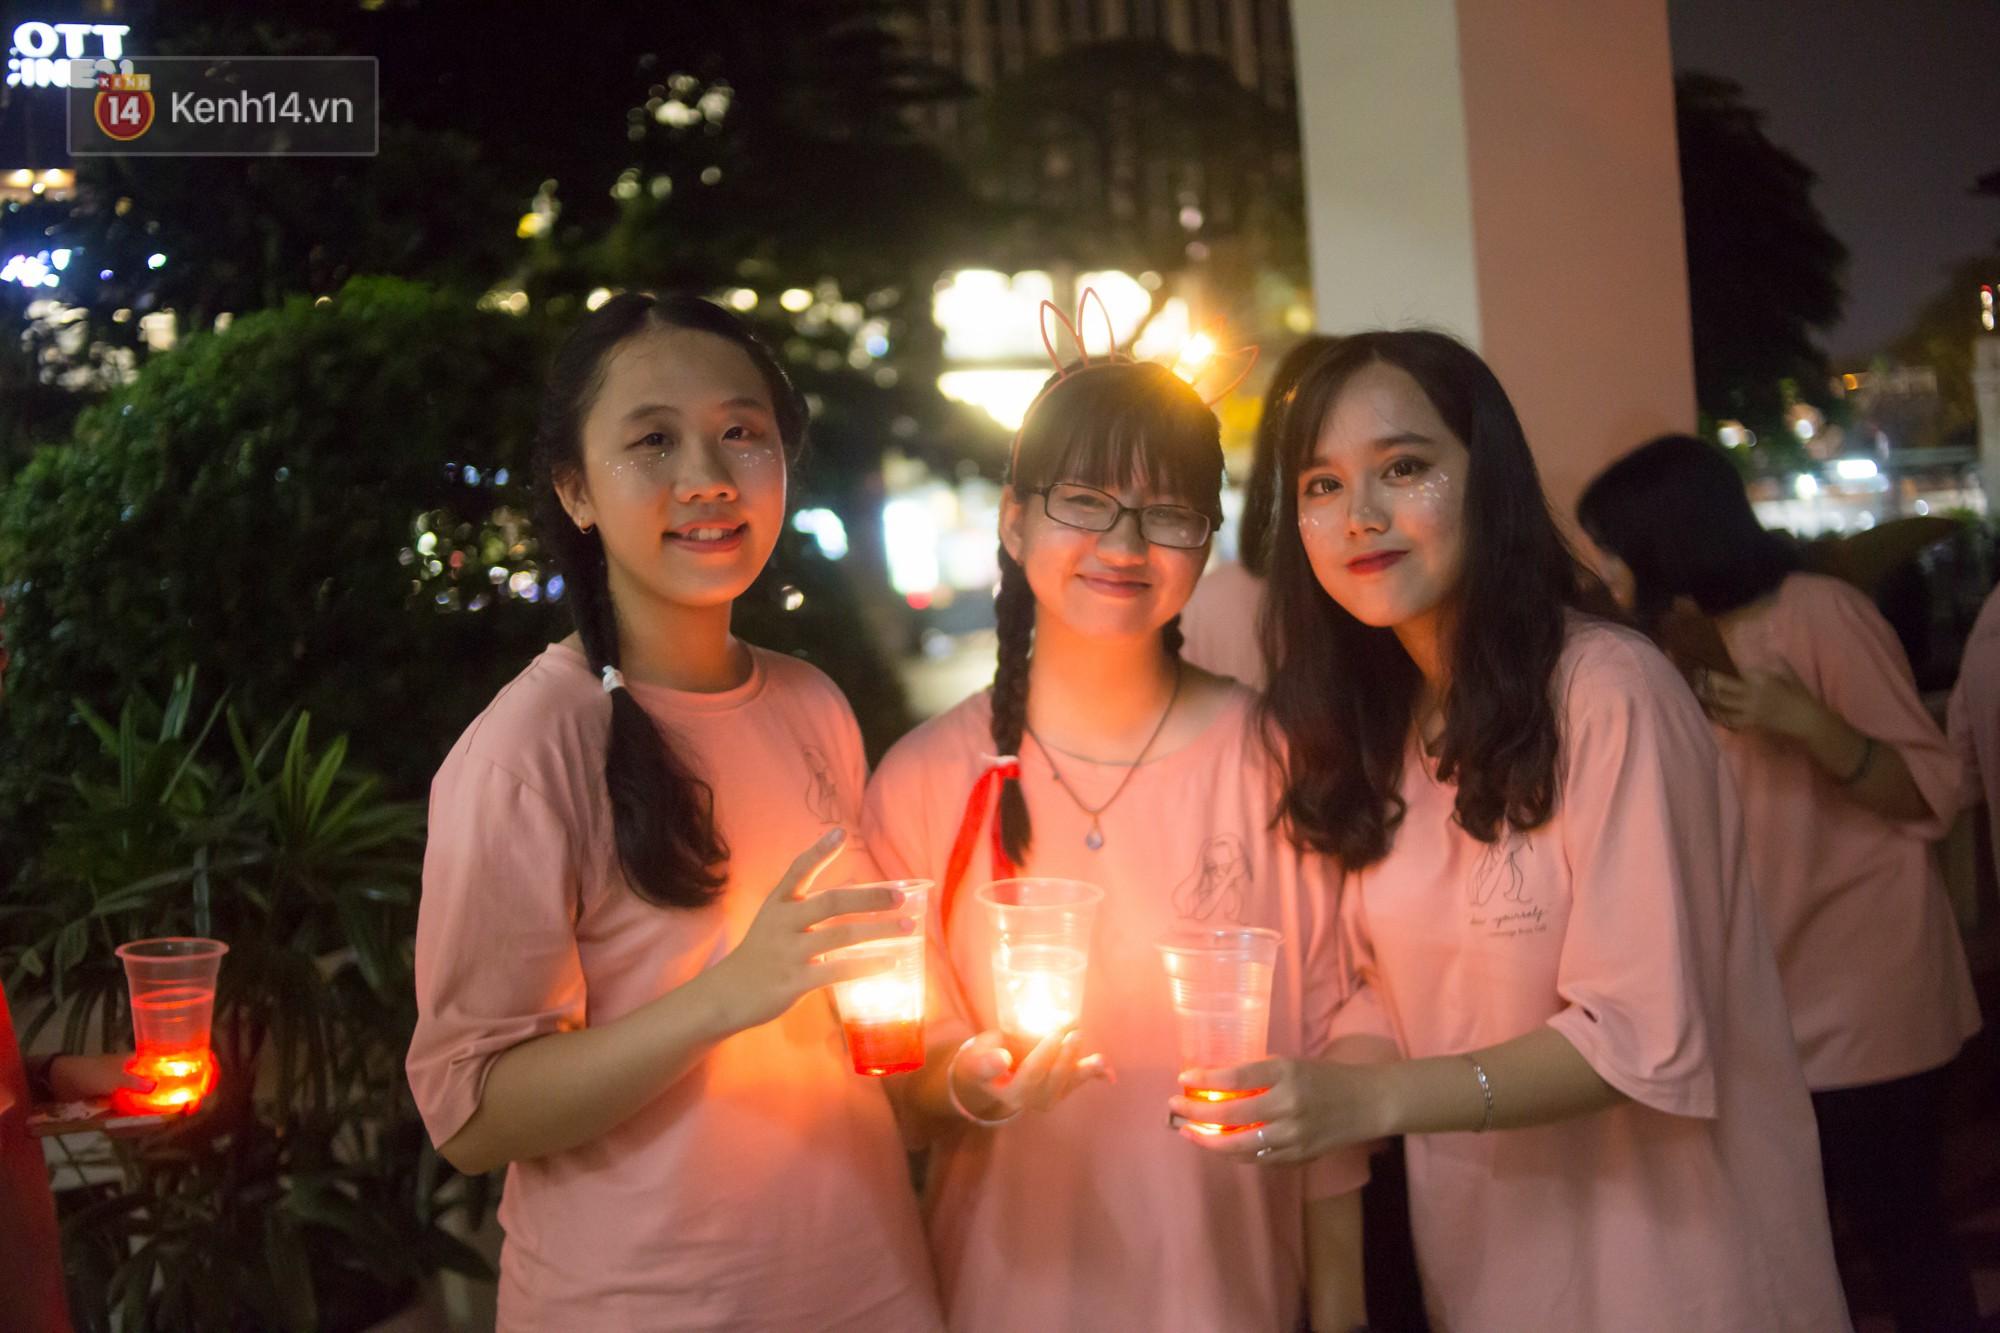 Ngày ra trường của teen Lê Hồng Phong: Nụ cười và nước mắt, bạn tôi ơi xin bên nhau thêm chút nữa! - Ảnh 17.